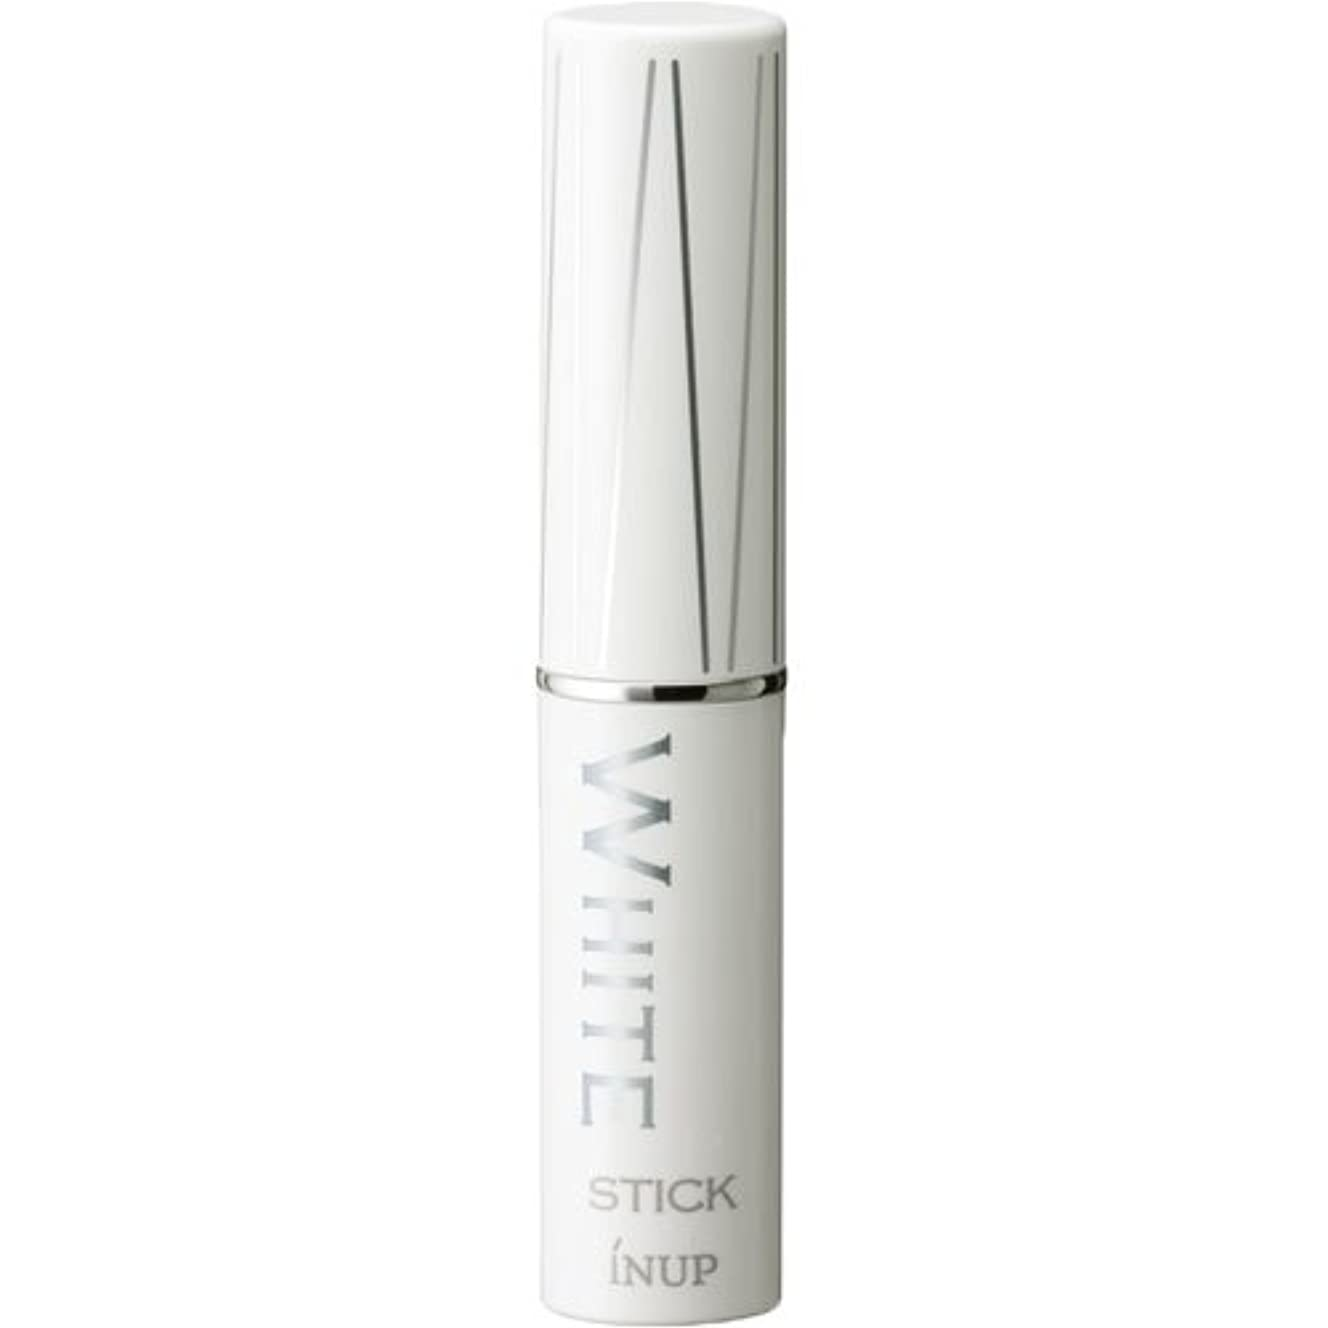 サーバに雄弁なインナップ 美容スティック ビタミンC誘導体85% 配合 ホワイトスティック